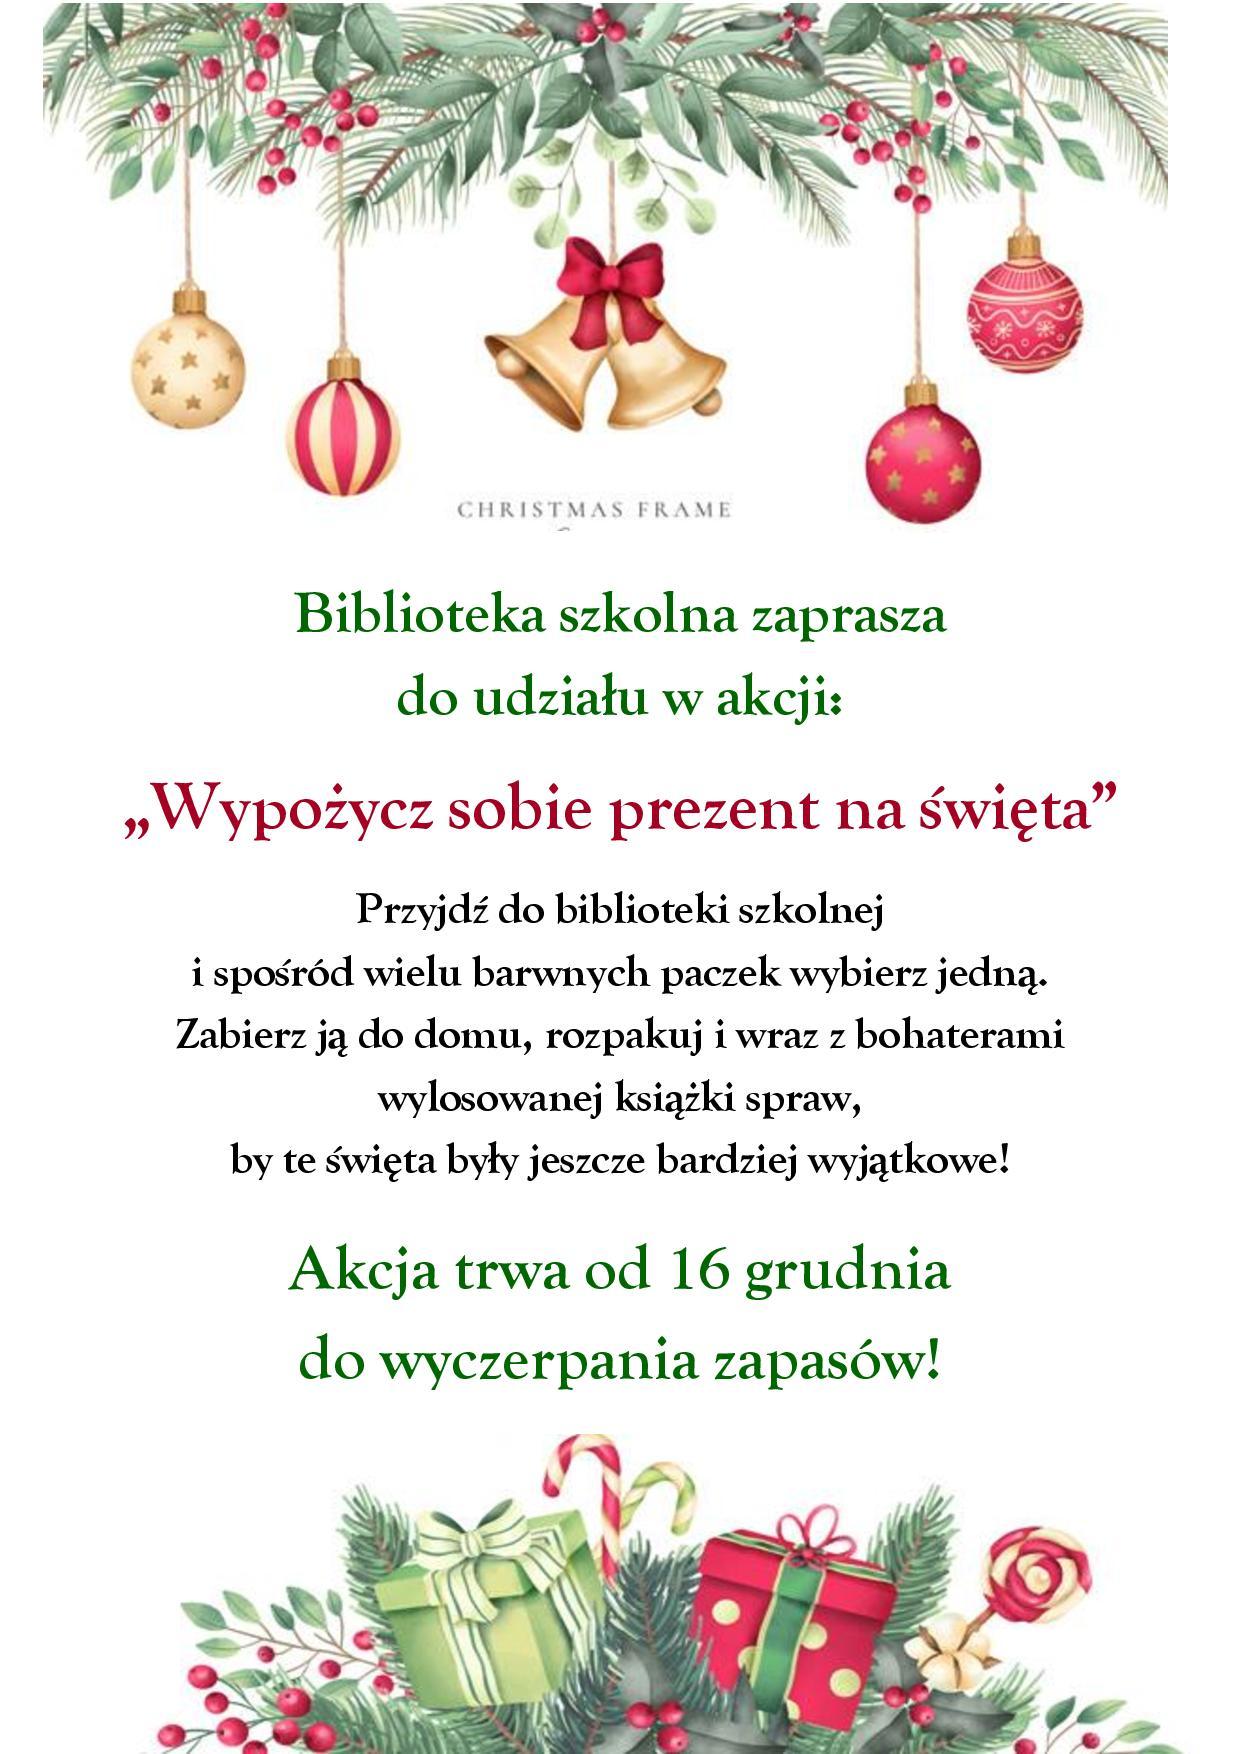 Wypożycz-sobie-prezent-na-święta.jpg